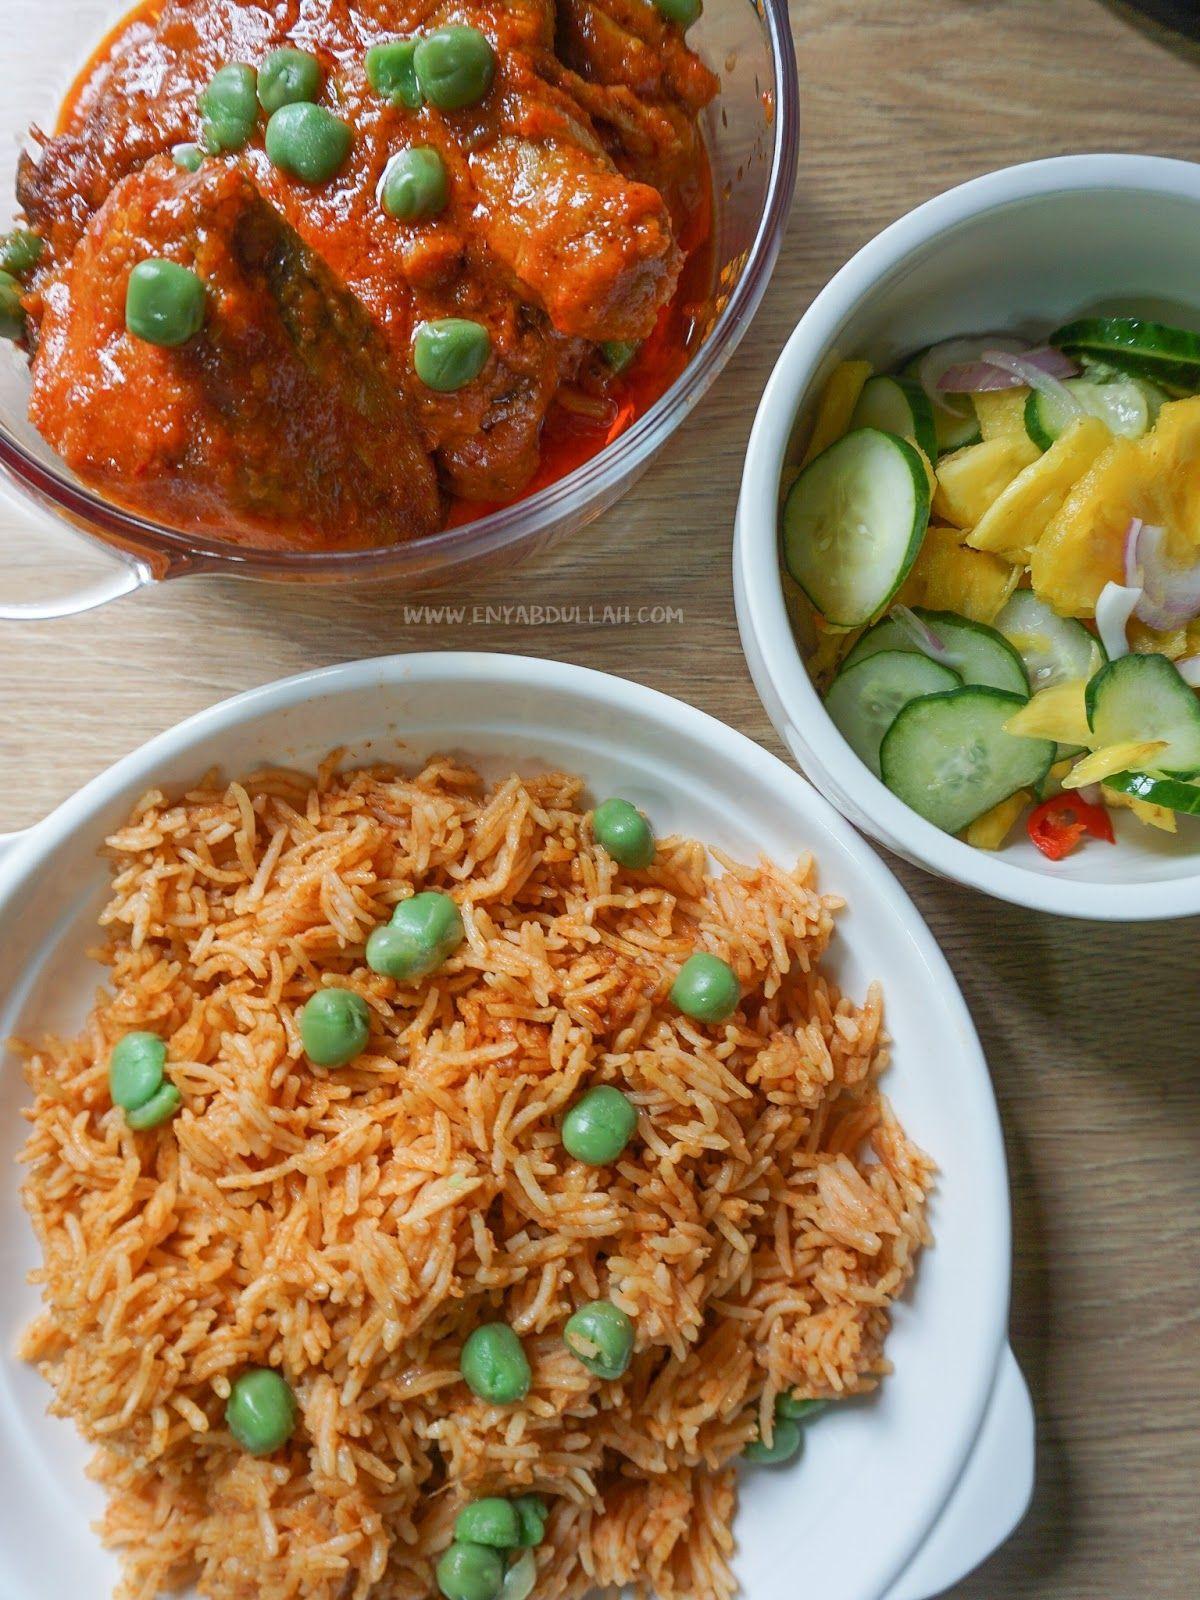 Resepi Nasi Tomato Ayam Masak Merah Kenduri Resepi Ayam Masak Merah Lauk Kenduri Nasi Tomato Sedap Ayam Resep Masakan Malaysia Resep Sederhana Resep Ayam